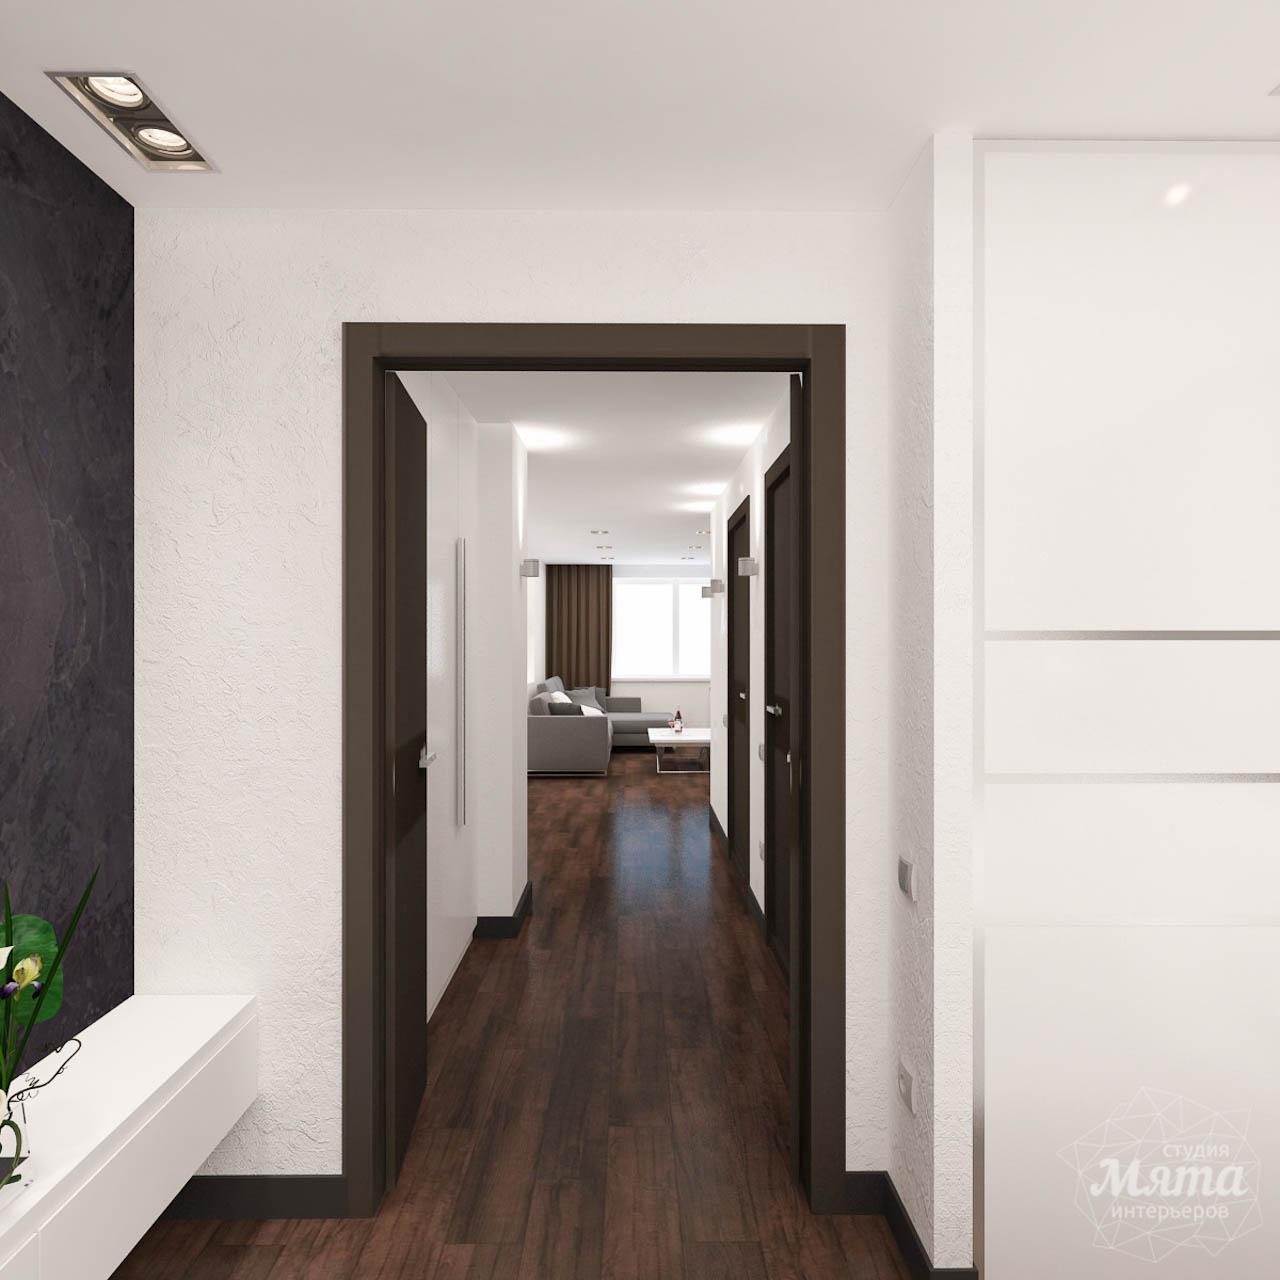 Дизайн интерьера однокомнатной квартиры по ул. Гагарина 27 img1096157877